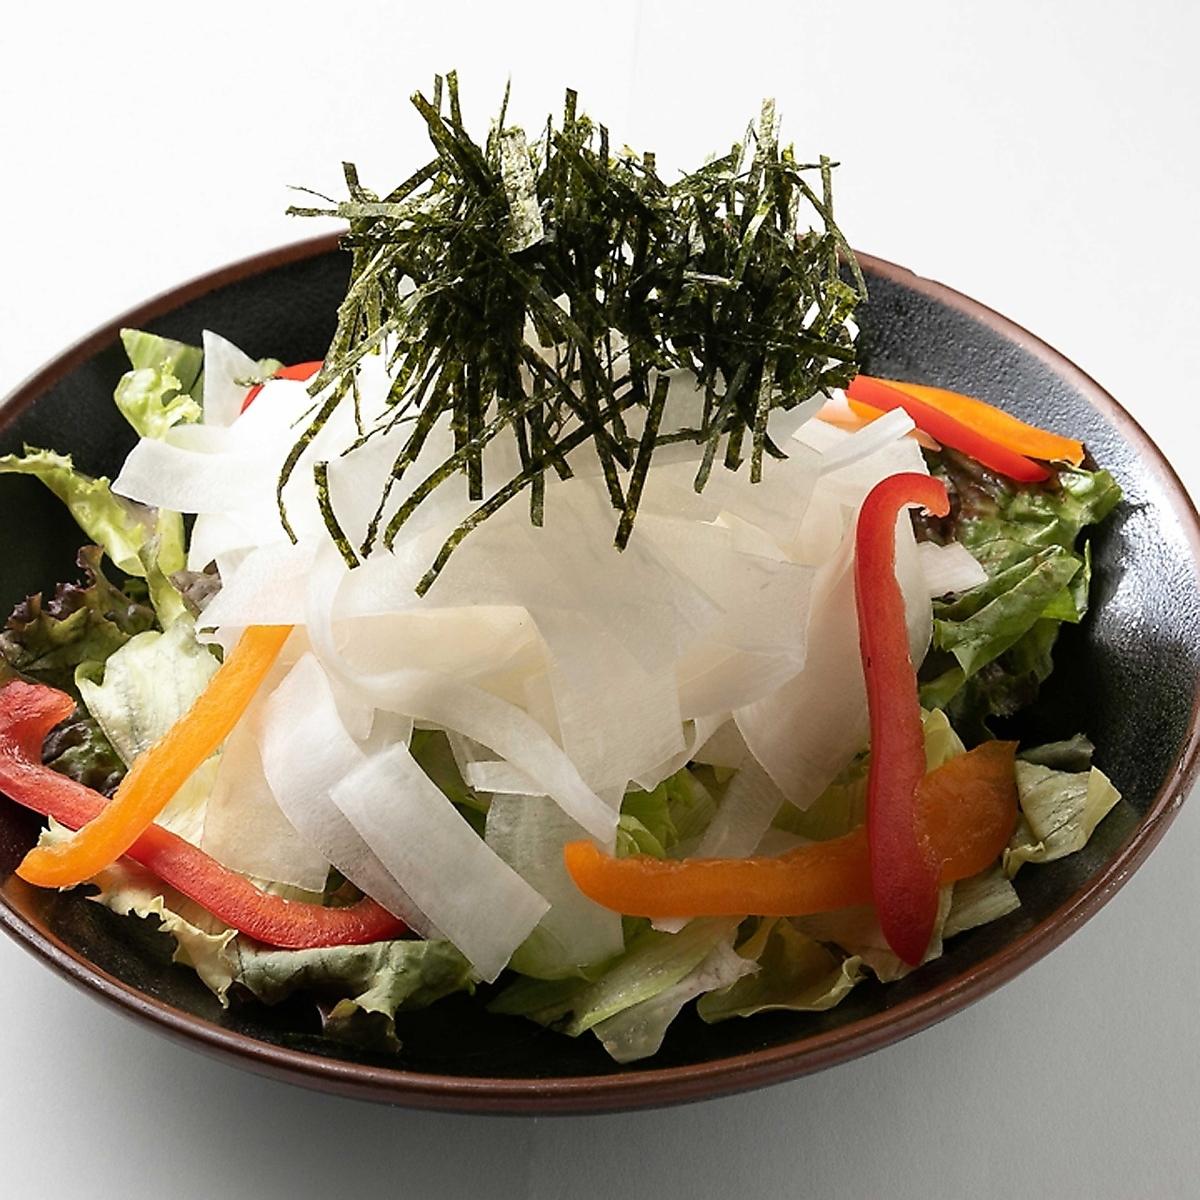 配蘿蔔沙拉